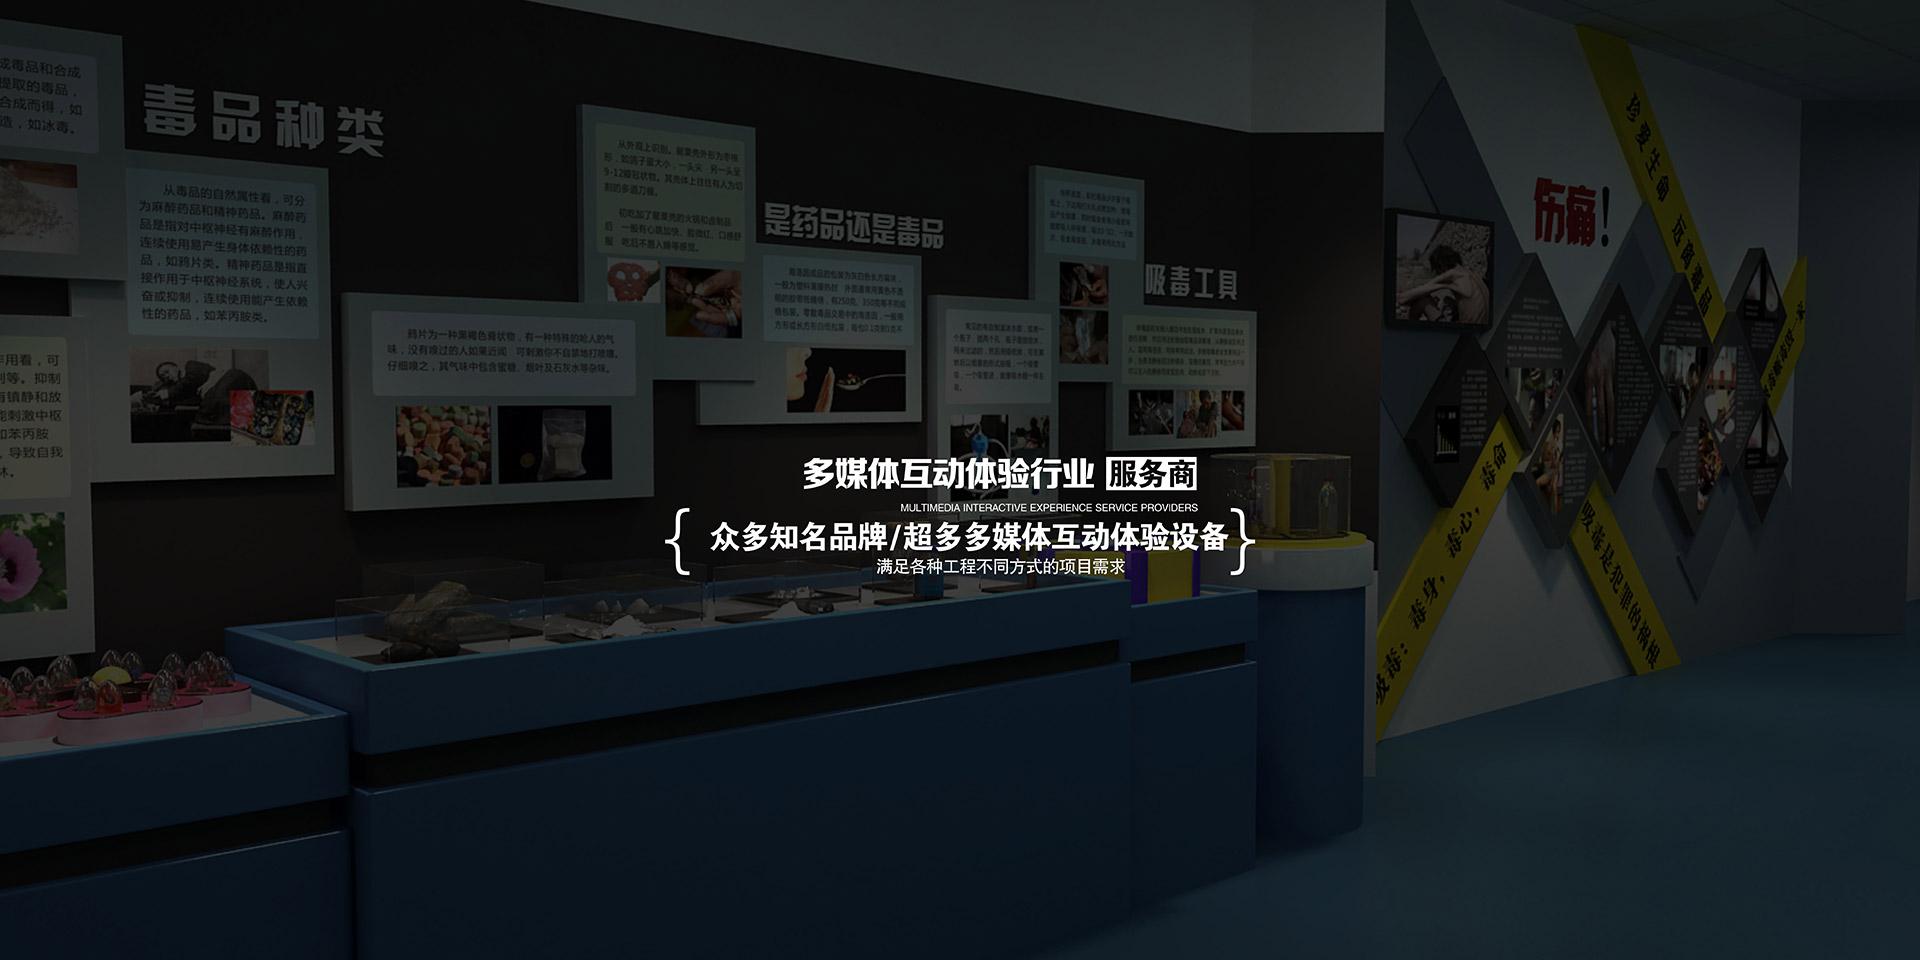 海啸墙面立体秀,海啸VR摩托,海啸道路交通模拟,海啸城市综合体,海啸虚拟动车地铁,